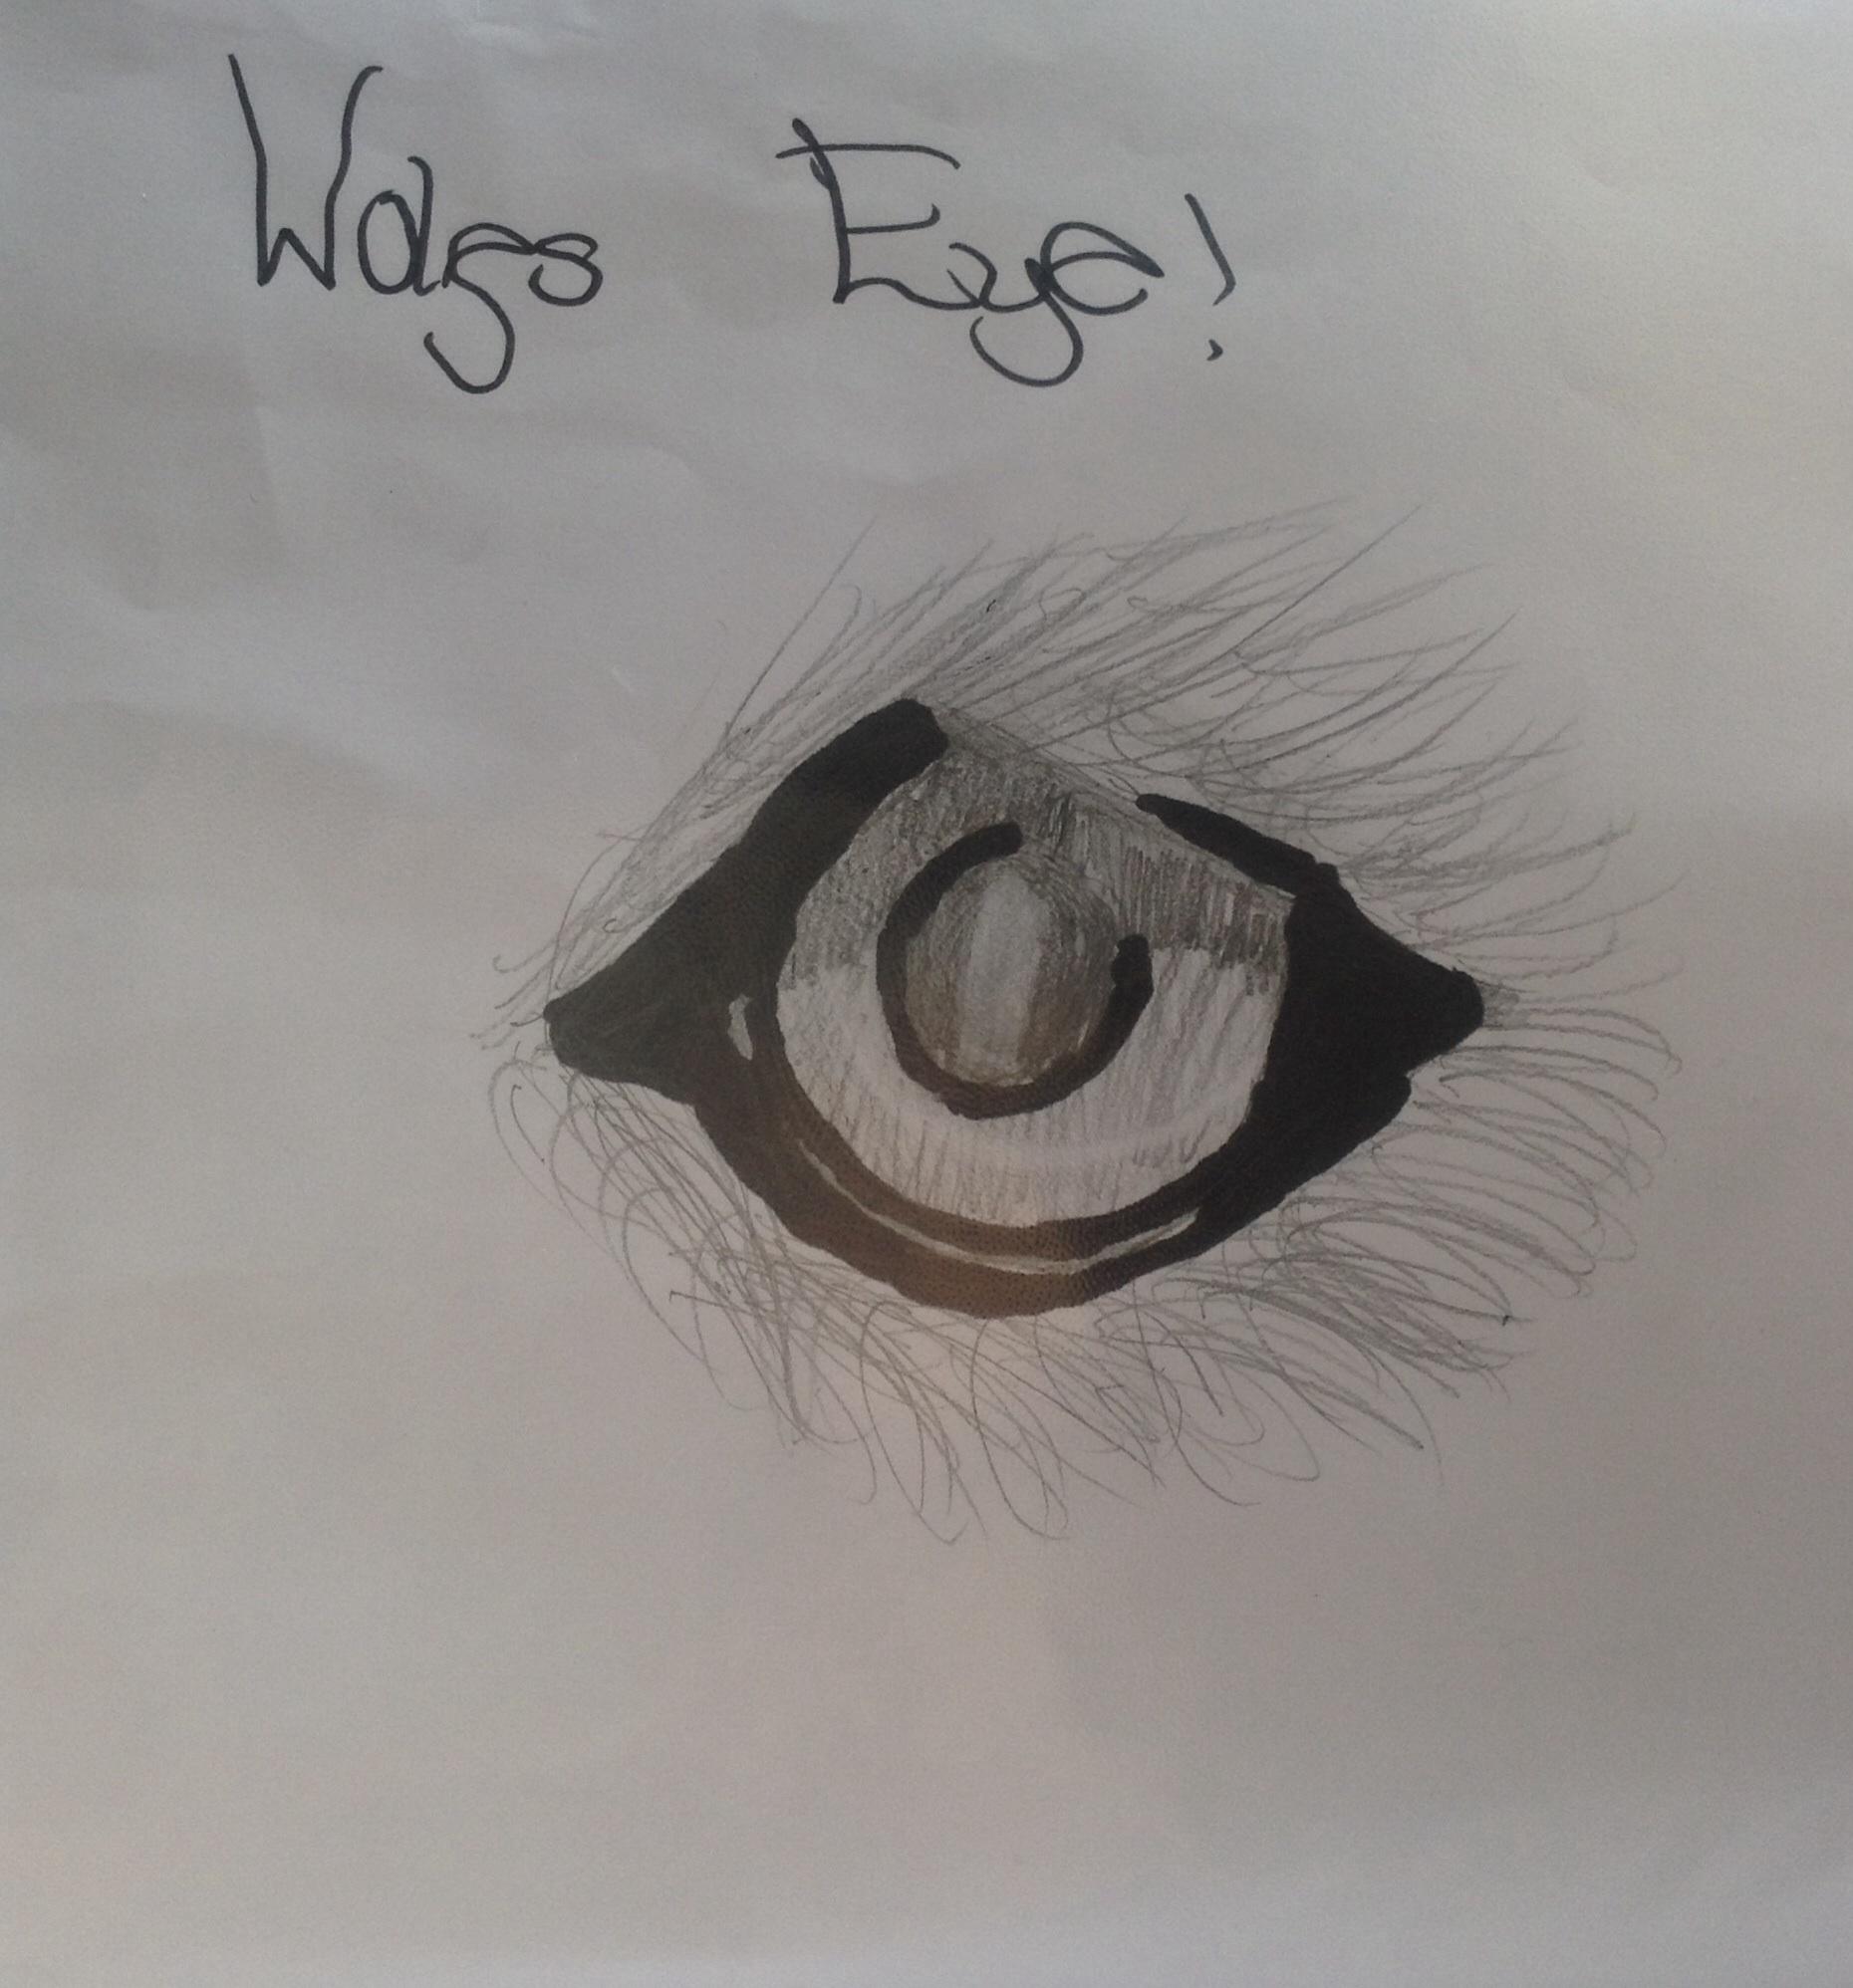 Wolfs eye